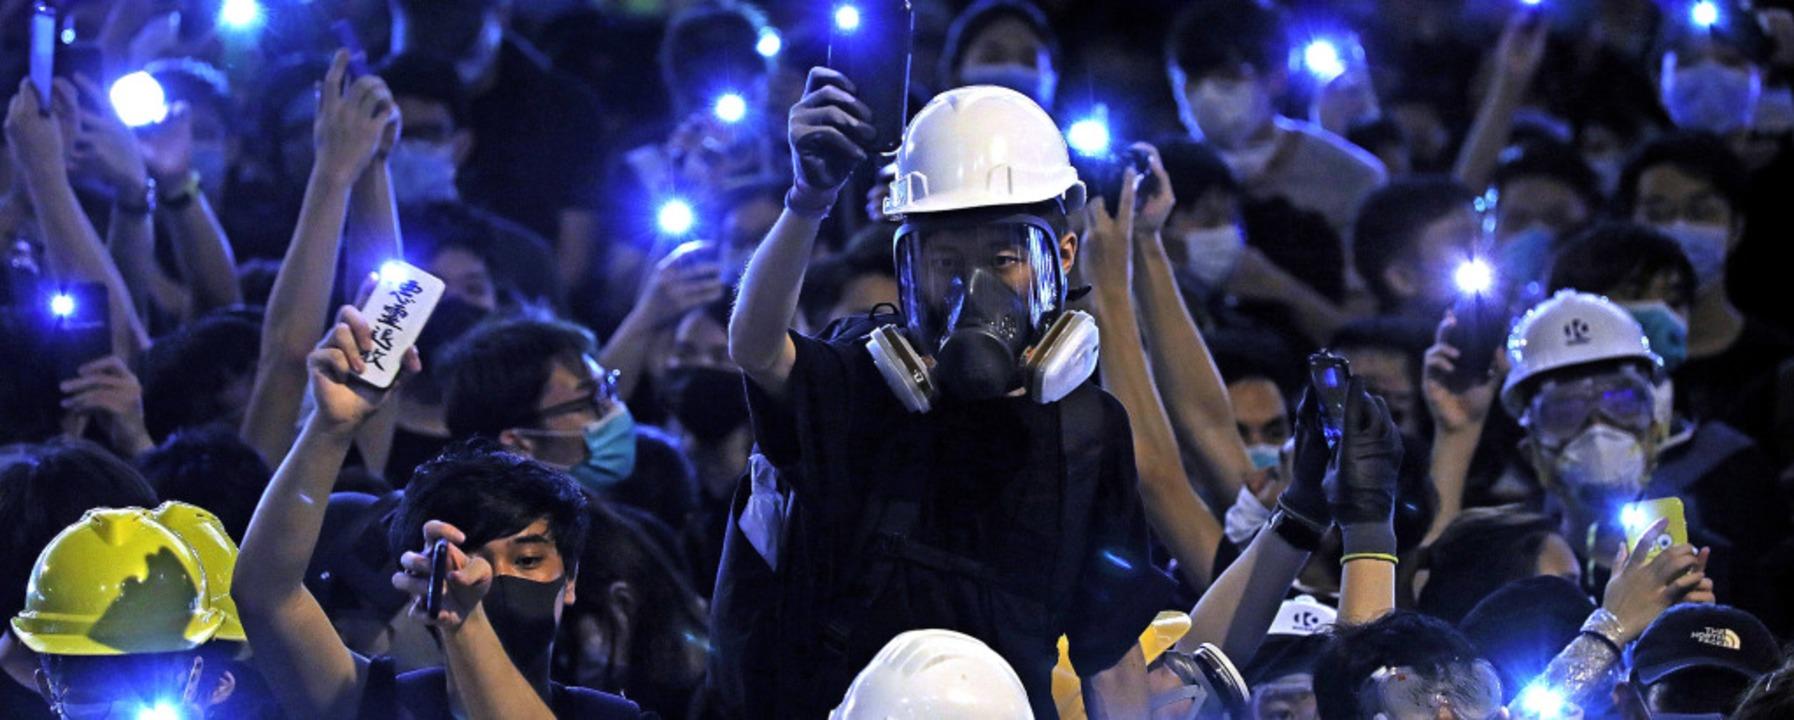 Mit Handyleuchten gegen das politische...ausende junge Menschen auf die Straße.  | Foto: Vincent Yu (dpa)